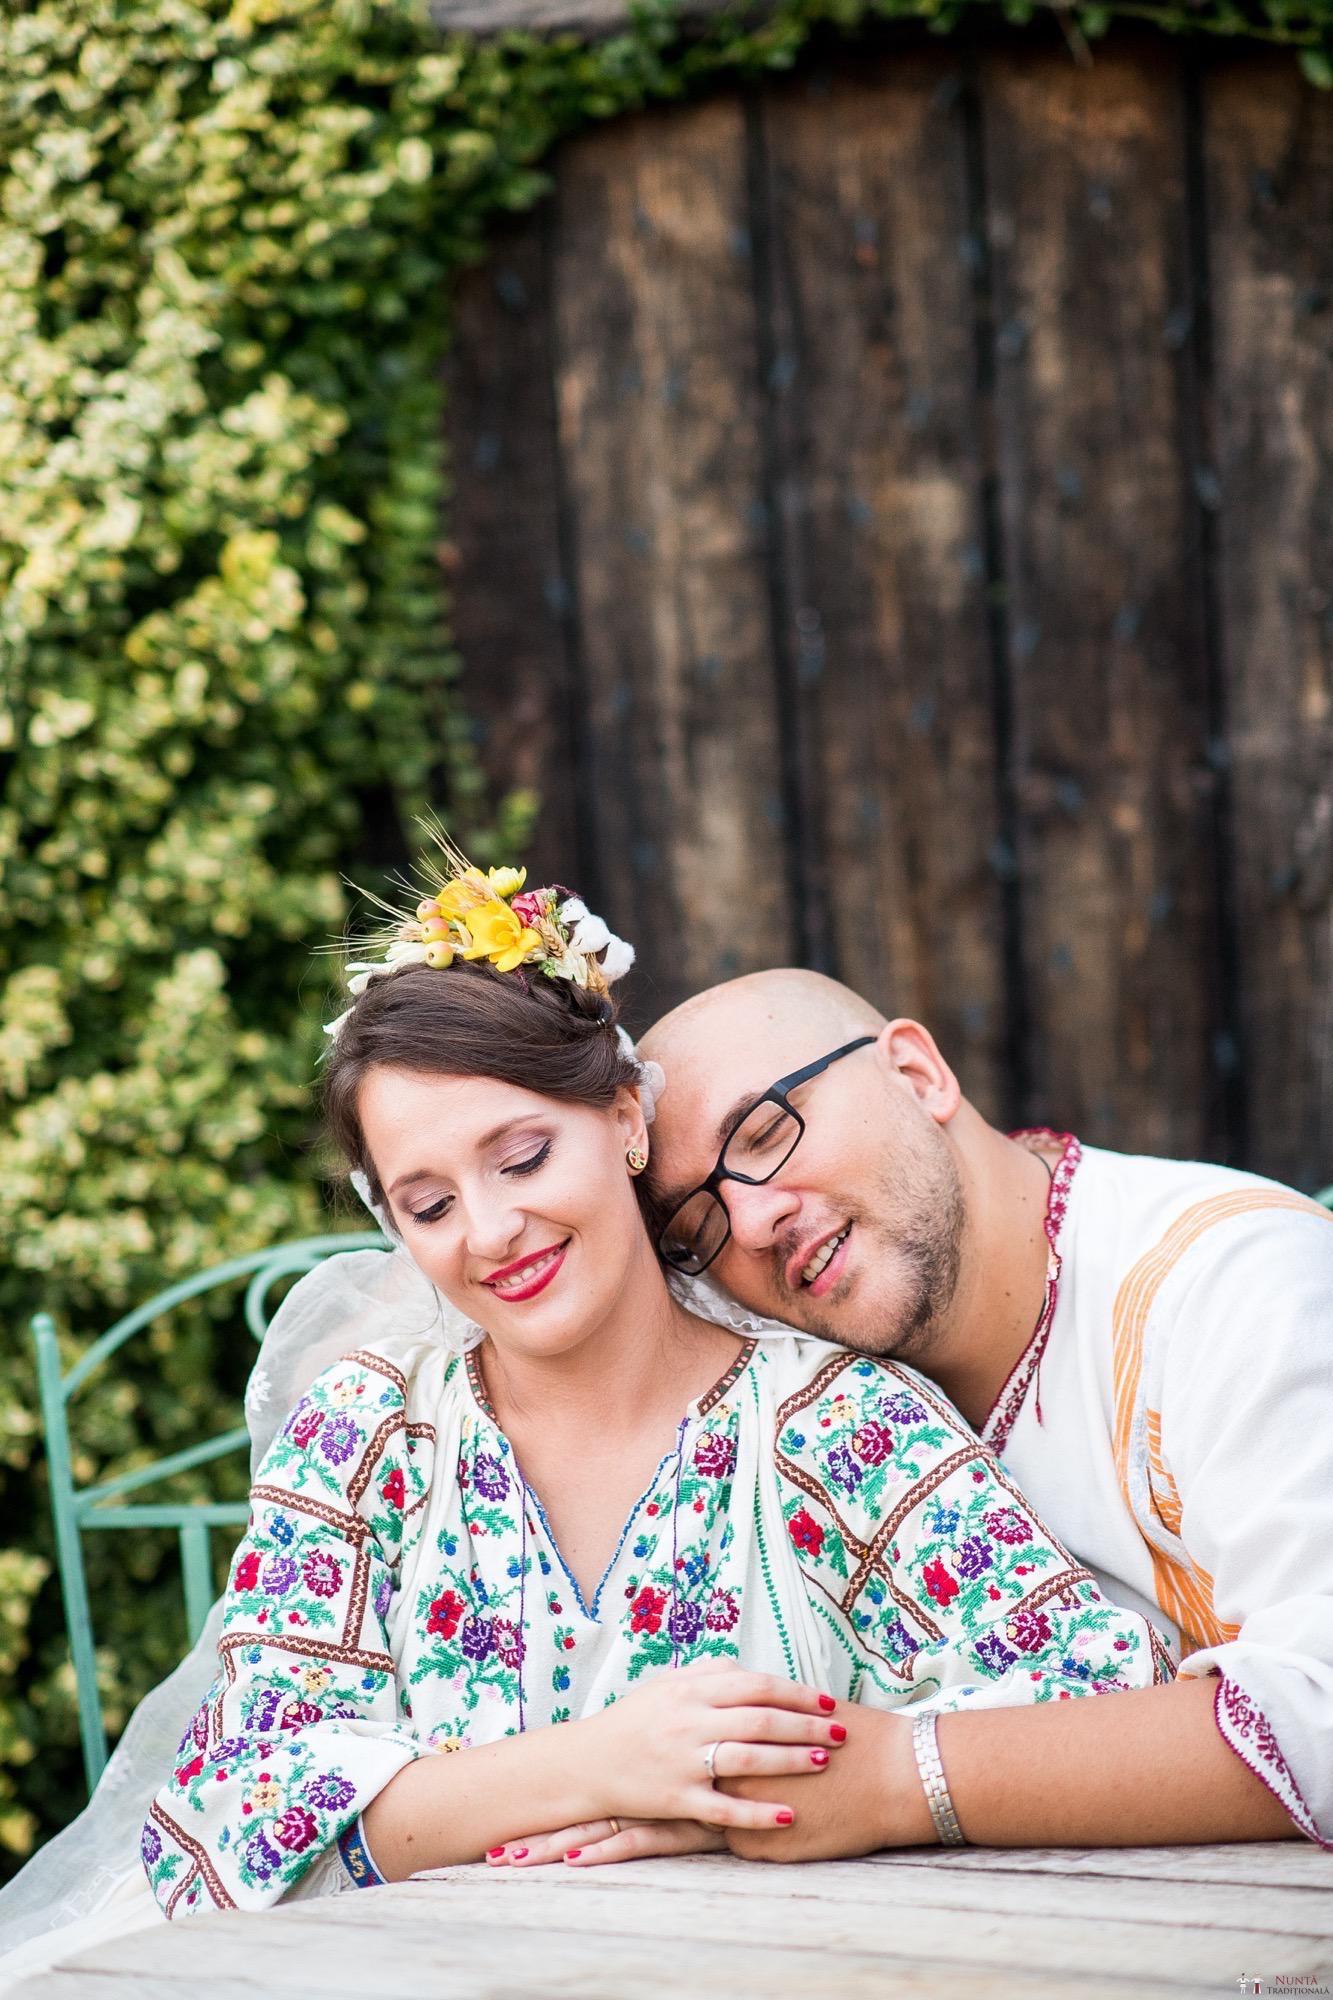 Povești Nunți Tradiționale - Ioana și Andrei. Nuntă tradițională în București. 45